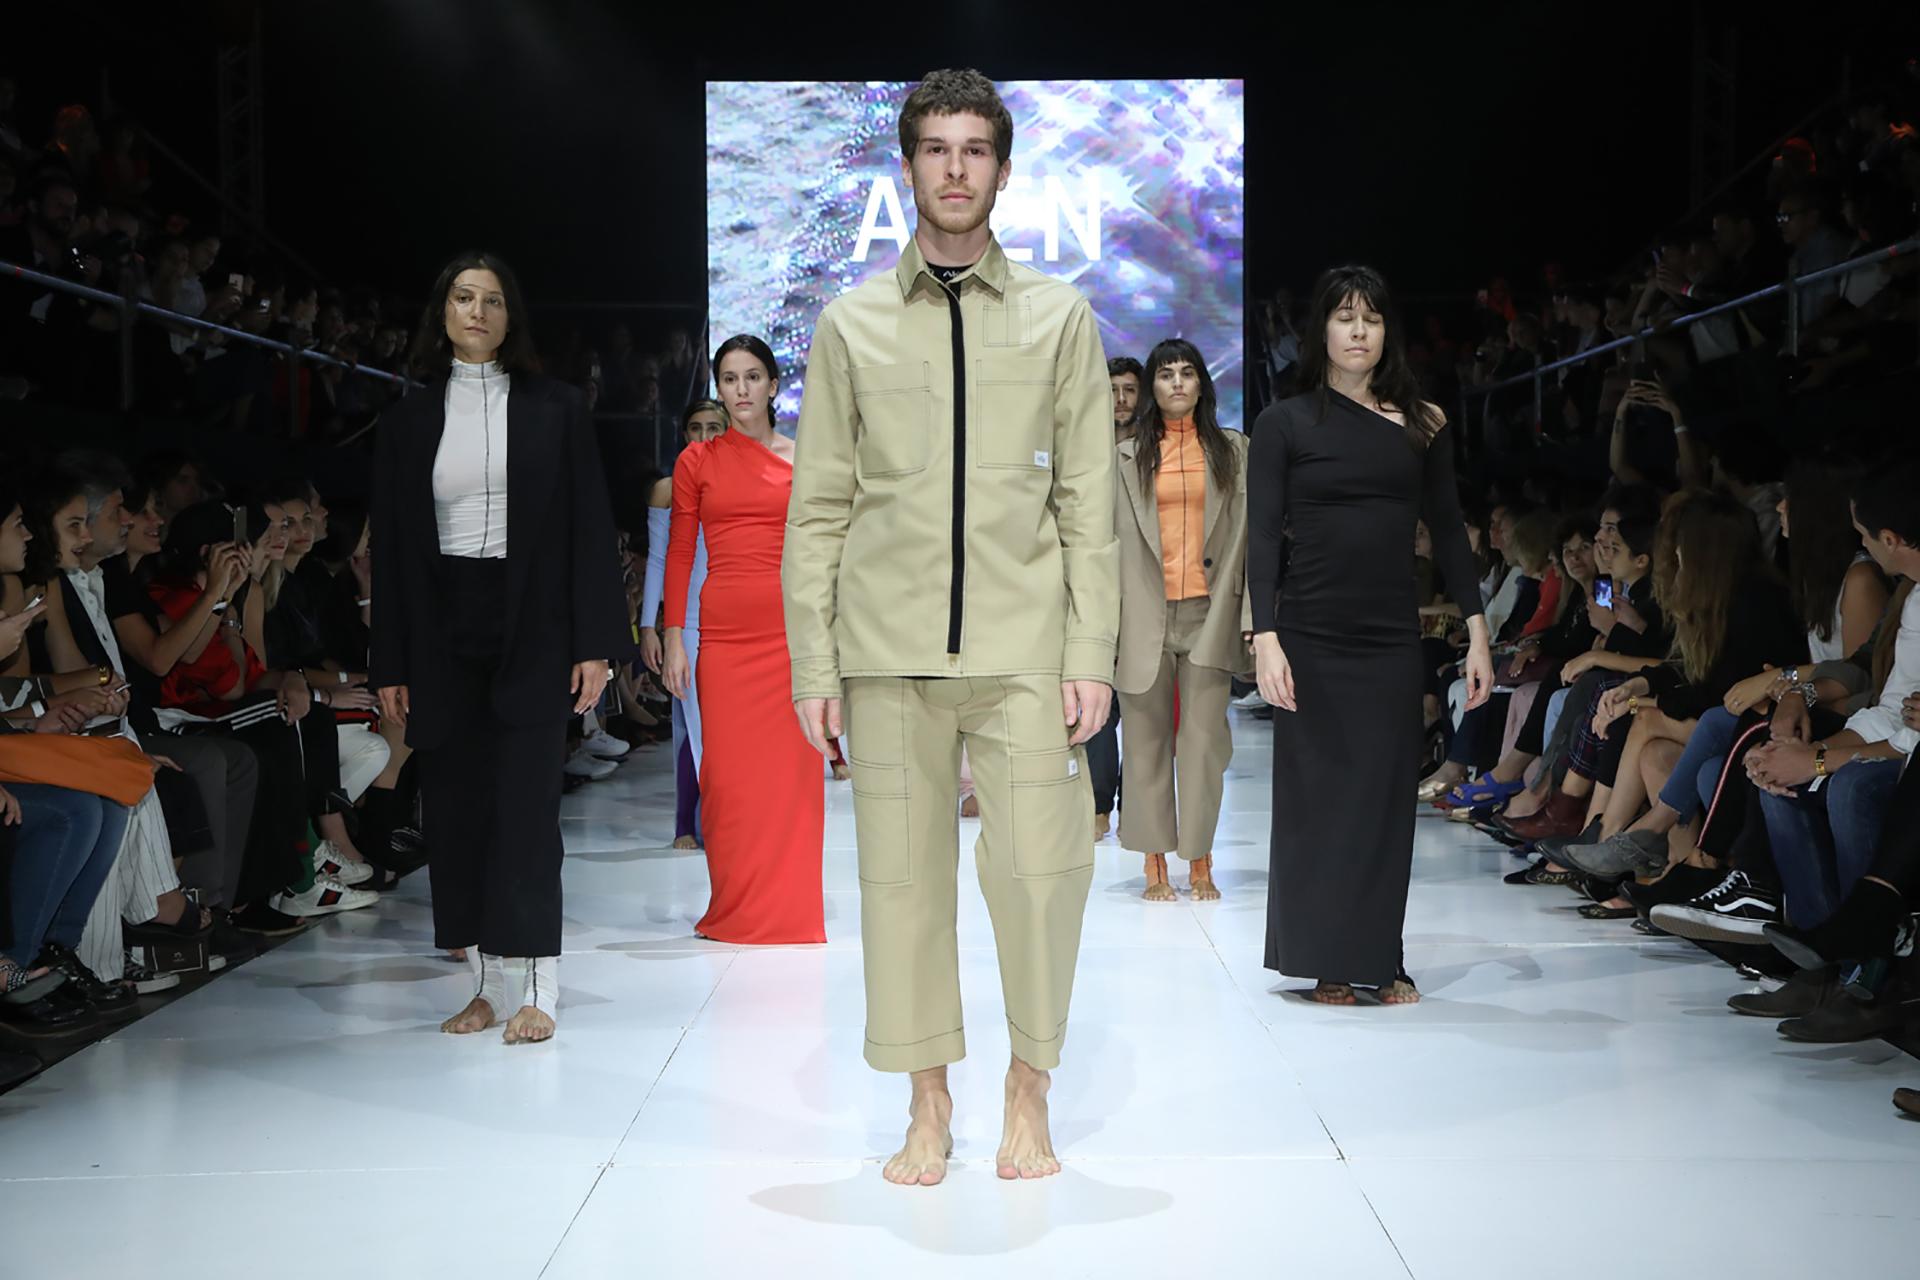 Sin estampados, sastrería y vestidos asimétricos, la propuesta de ALEN para el invierno 2018